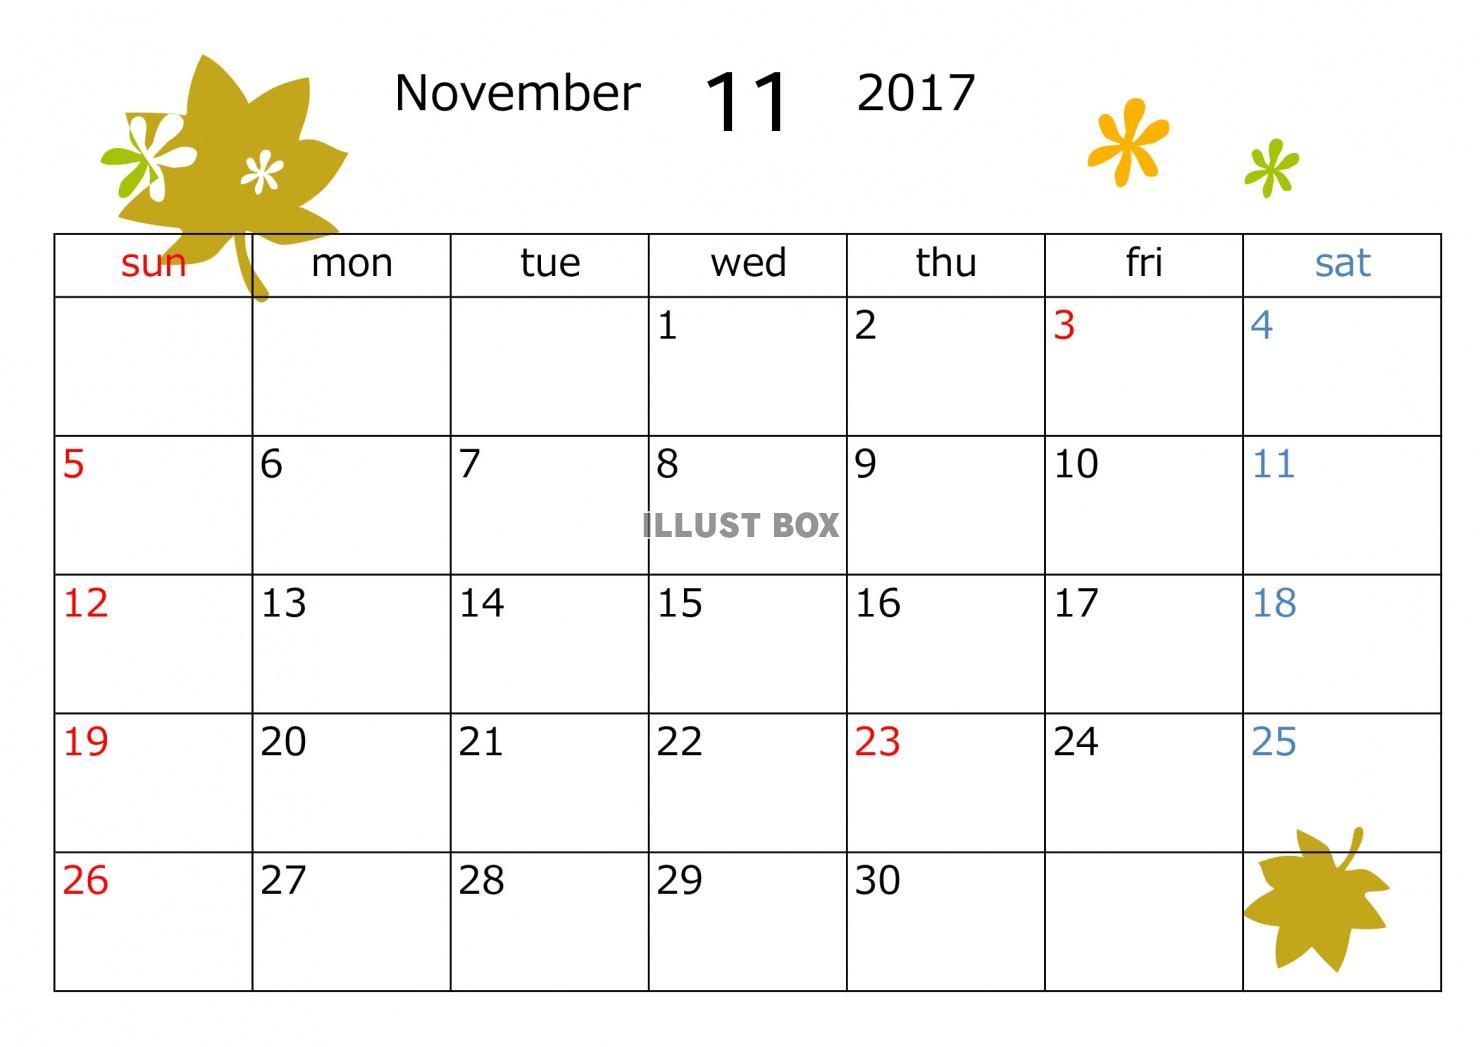 無料イラスト 2017年11月カレンダー 葉っぱ模様